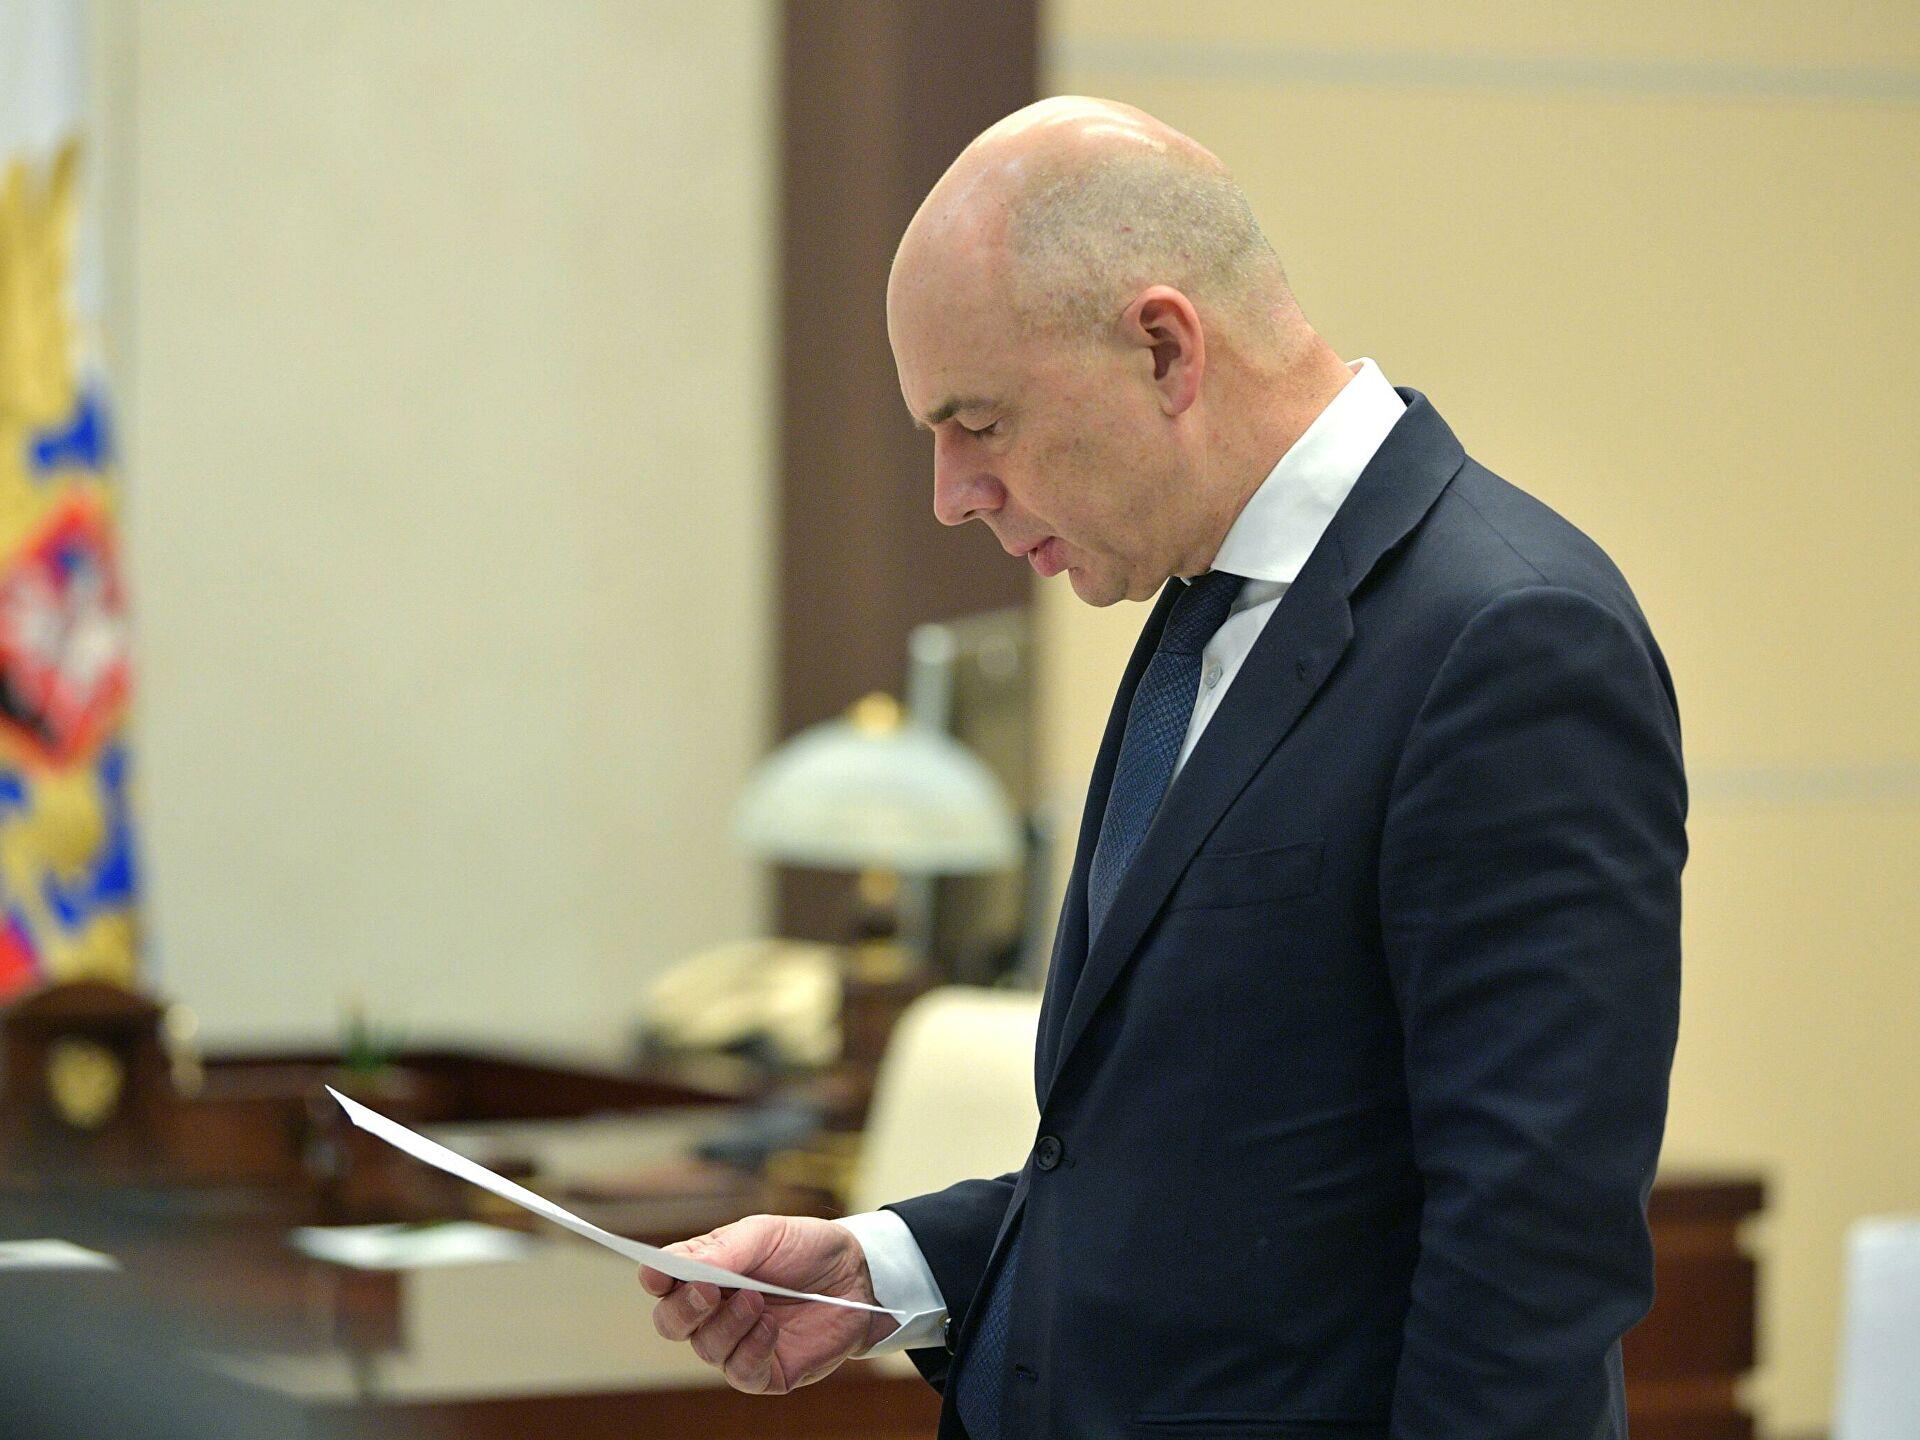 Норникель выплатил 145.5 млрд рублей штрафа в бюджет страны, Фото № 1 - 1-consult.net